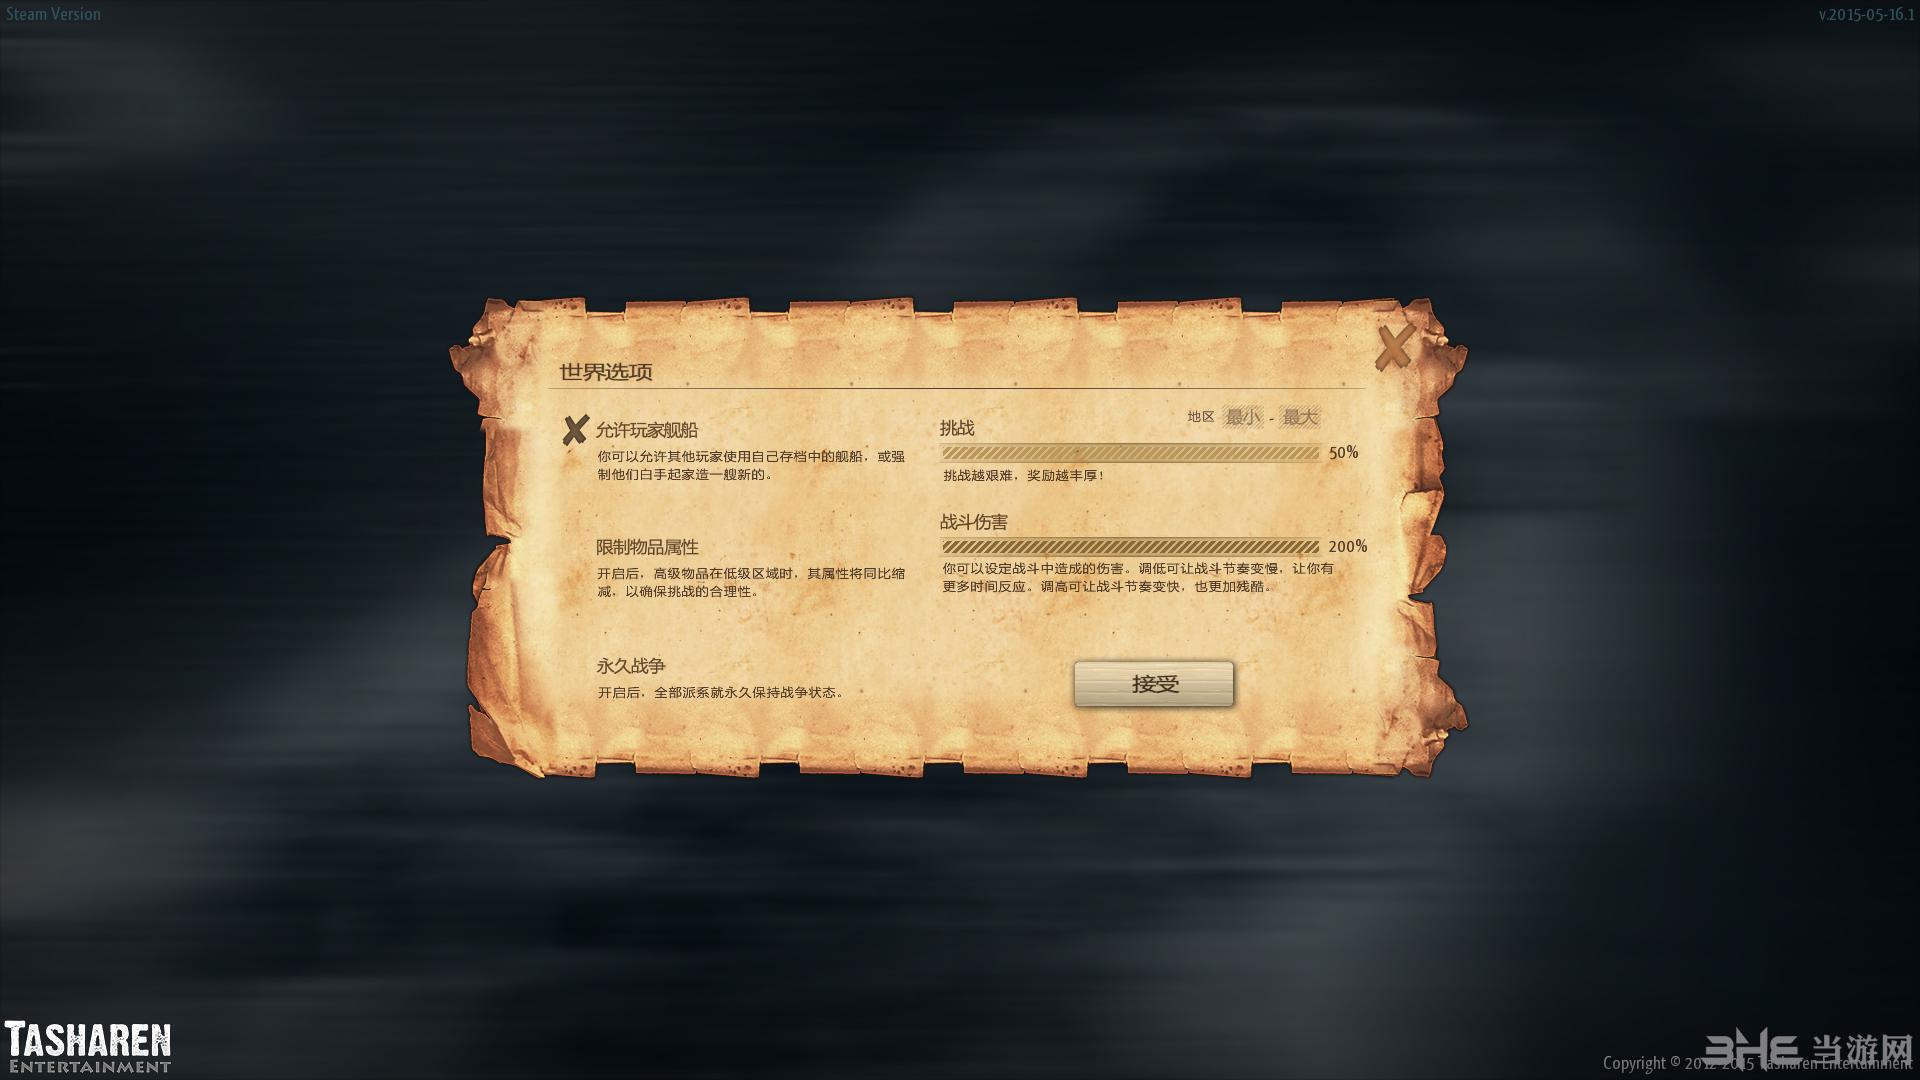 迎风起航简体中文汉化补丁截图2